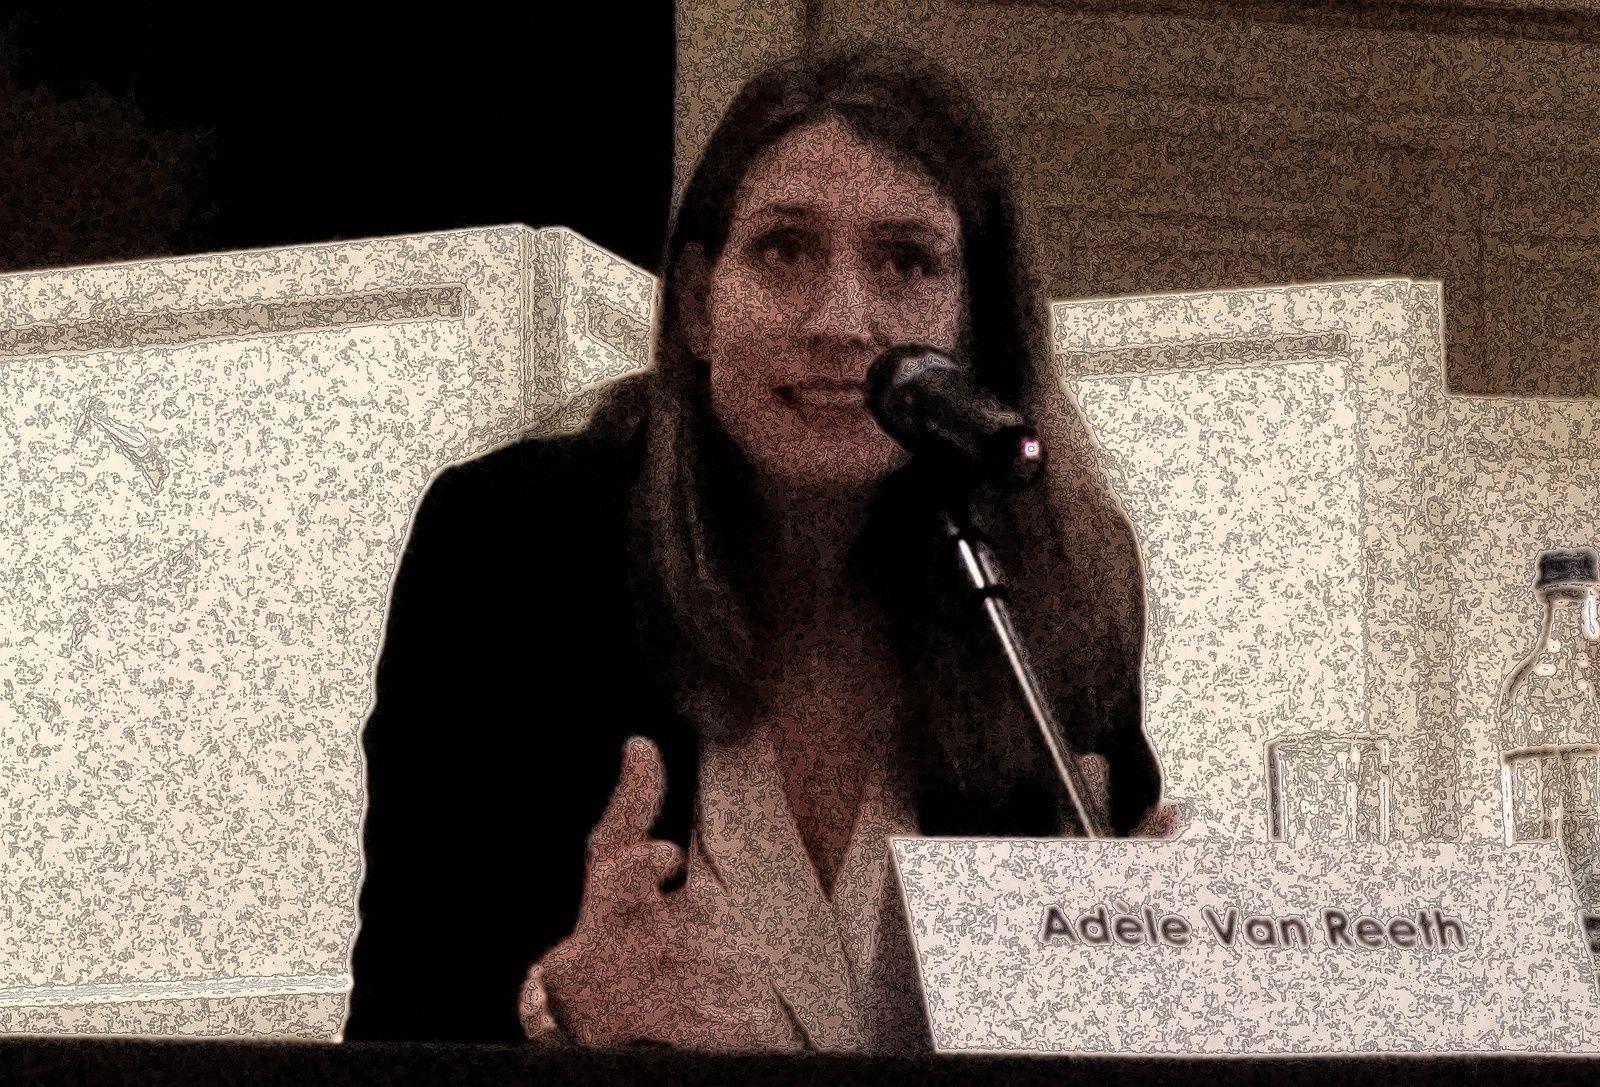 Adèle Van Reeth - Les mardis de la philo - Bruxelles-17-09-15-le Snobisme - Photo  Virginie le Chêne parlant